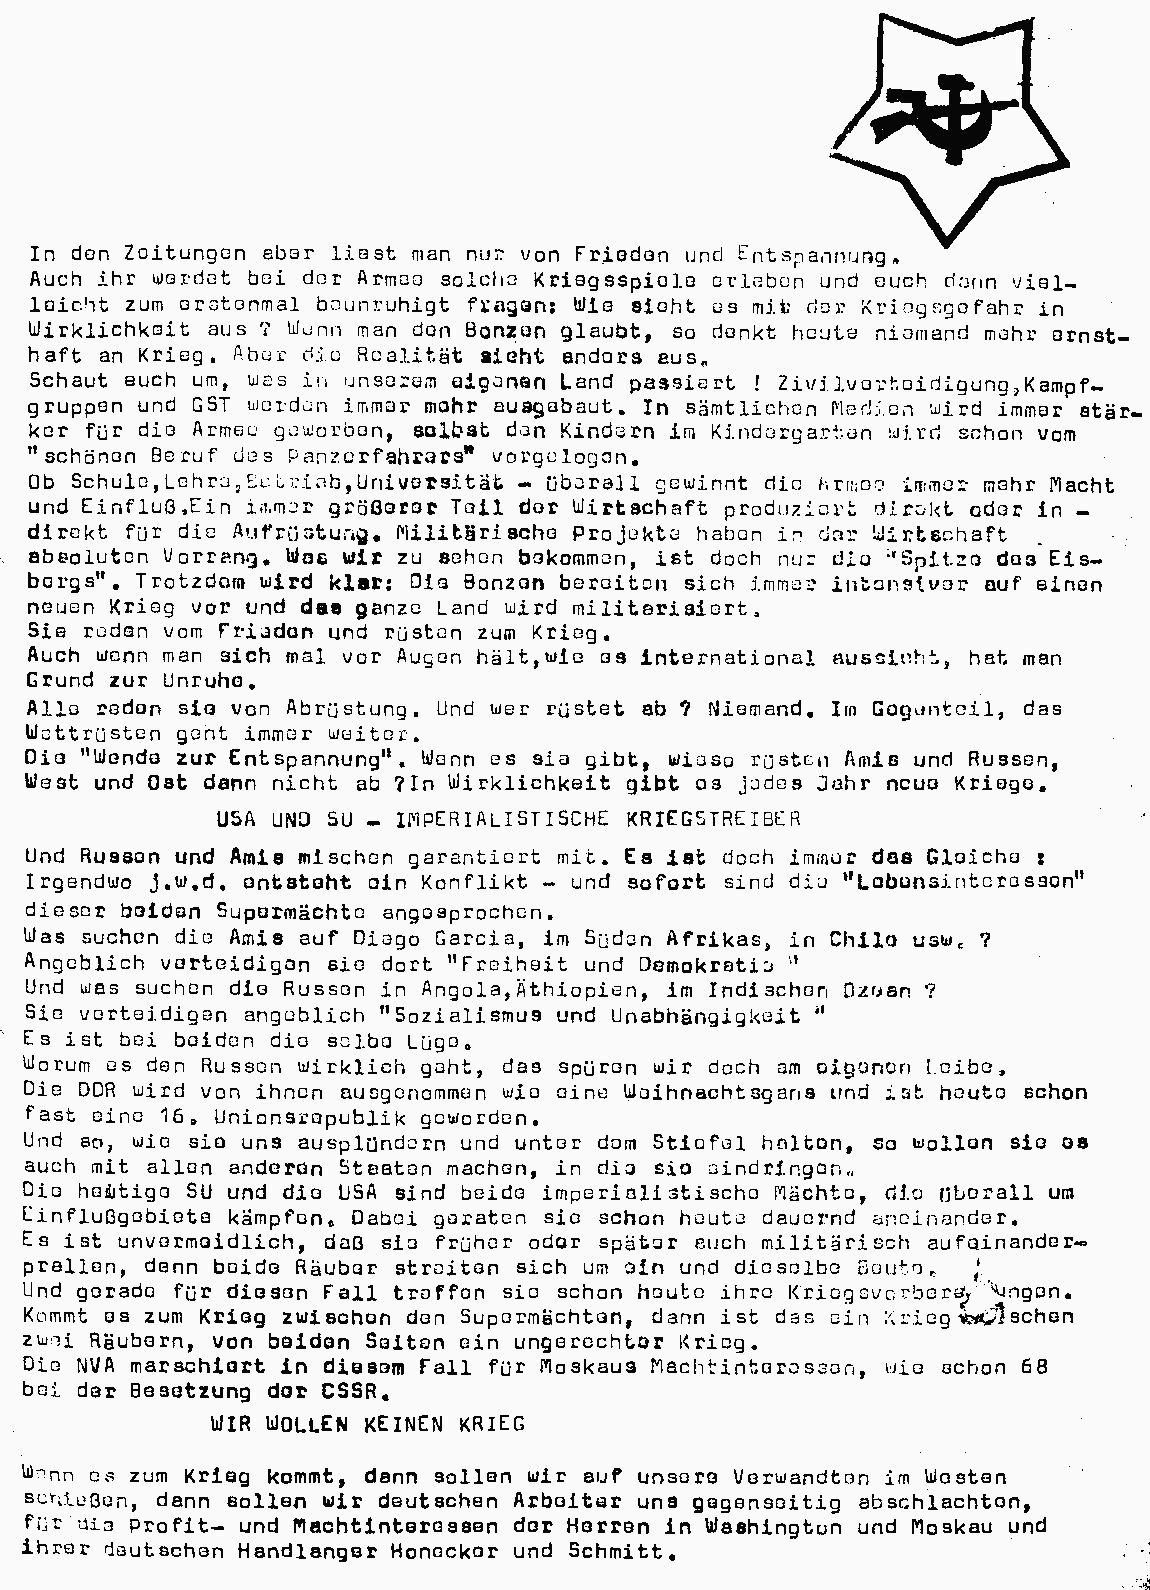 DDR_KPDML_FB_Soldat_hoer_zu_19780000_03